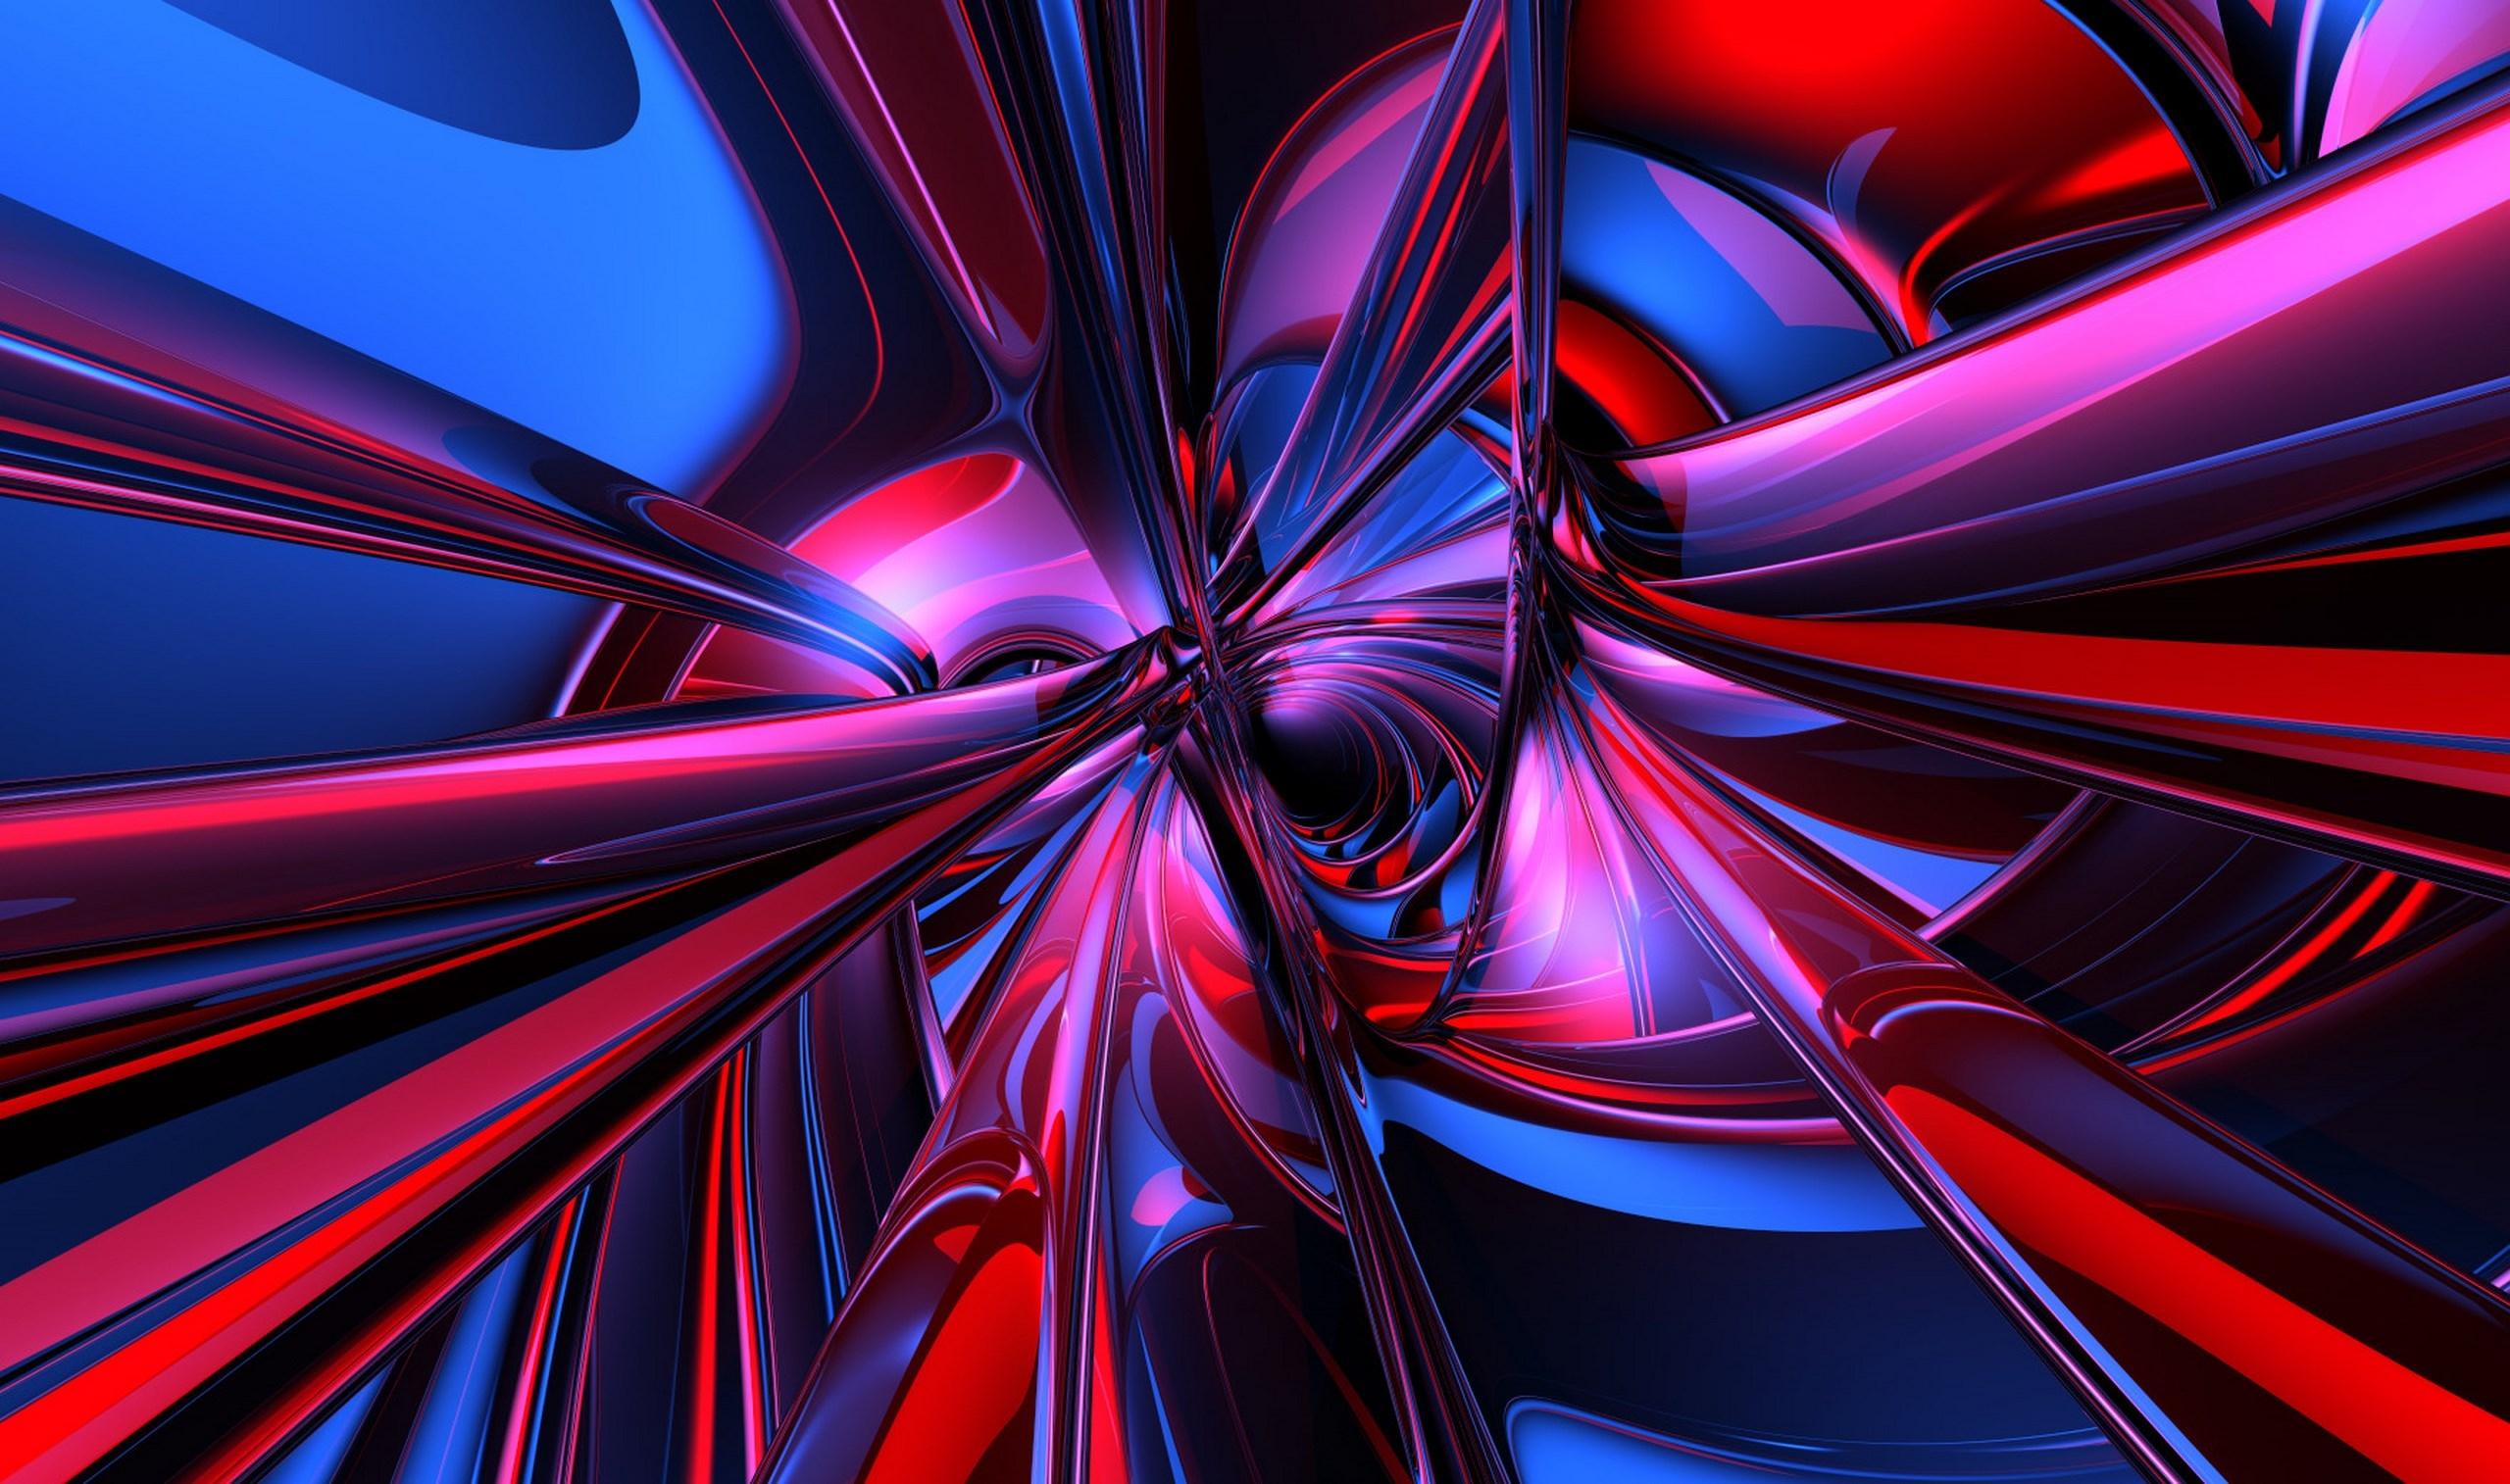 87667 обои 360x640 на телефон бесплатно, скачать картинки 3D, Фон, Абстракция 360x640 на мобильный